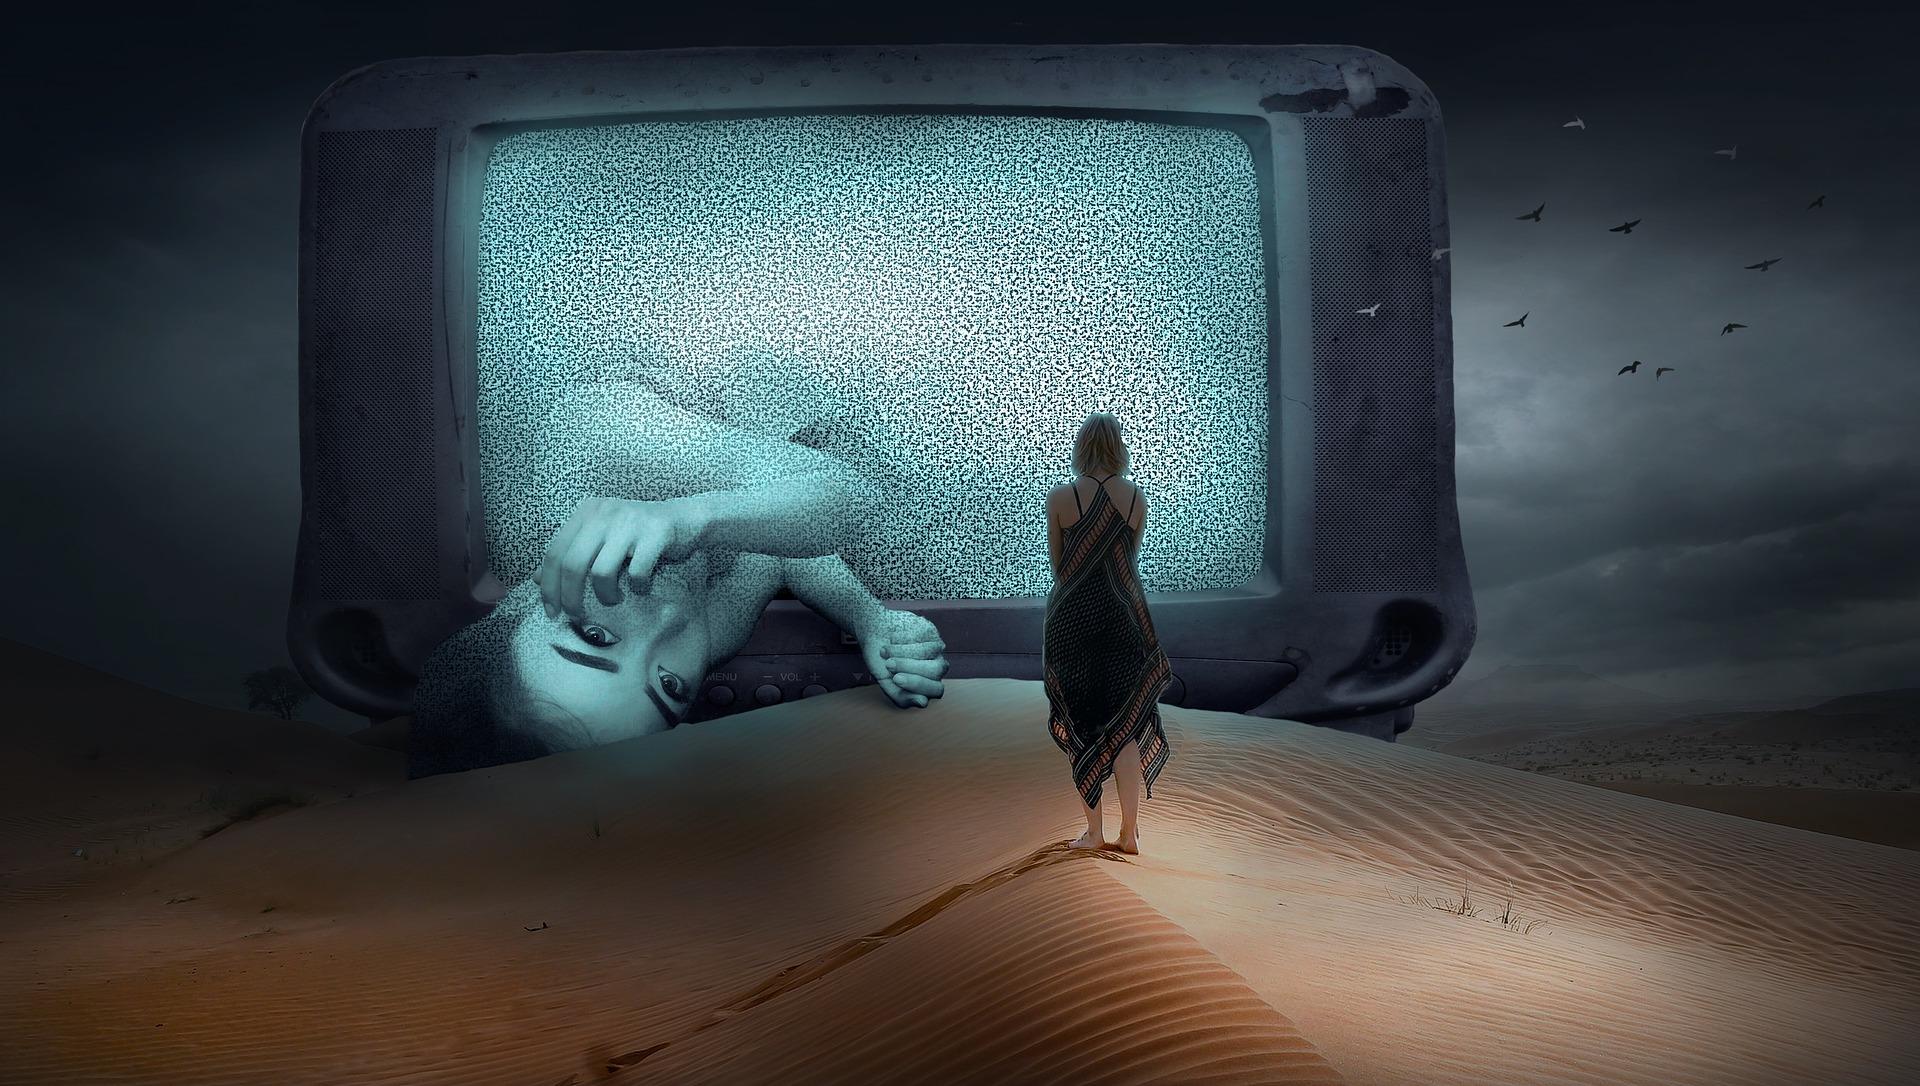 TV, fantasy